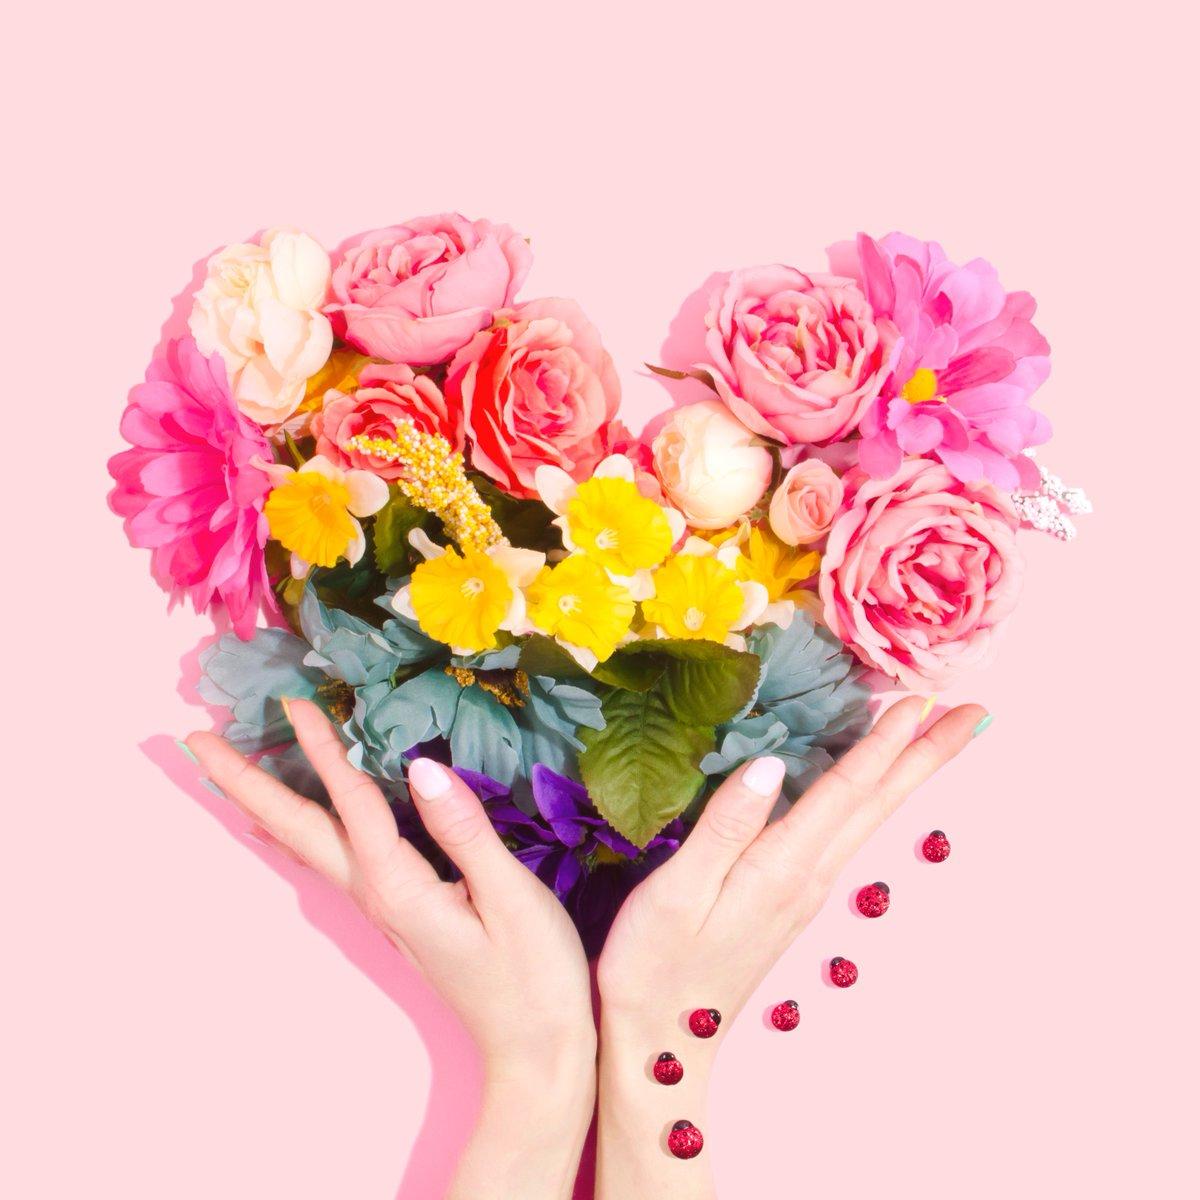 Tief empfundene Sehnsucht, echte Sehnsucht ist die Sehnsucht, jemandem nah zu sein.   - Paulo Coelho -   Einen megatollen Valentinstag für Dich#valentinstag #liebe #zuneigung #seiduselbst #zitate #sprüche #erfolg #ziele #sinndeslebens #youcanbemorepic.twitter.com/IoZ1d4gy3M